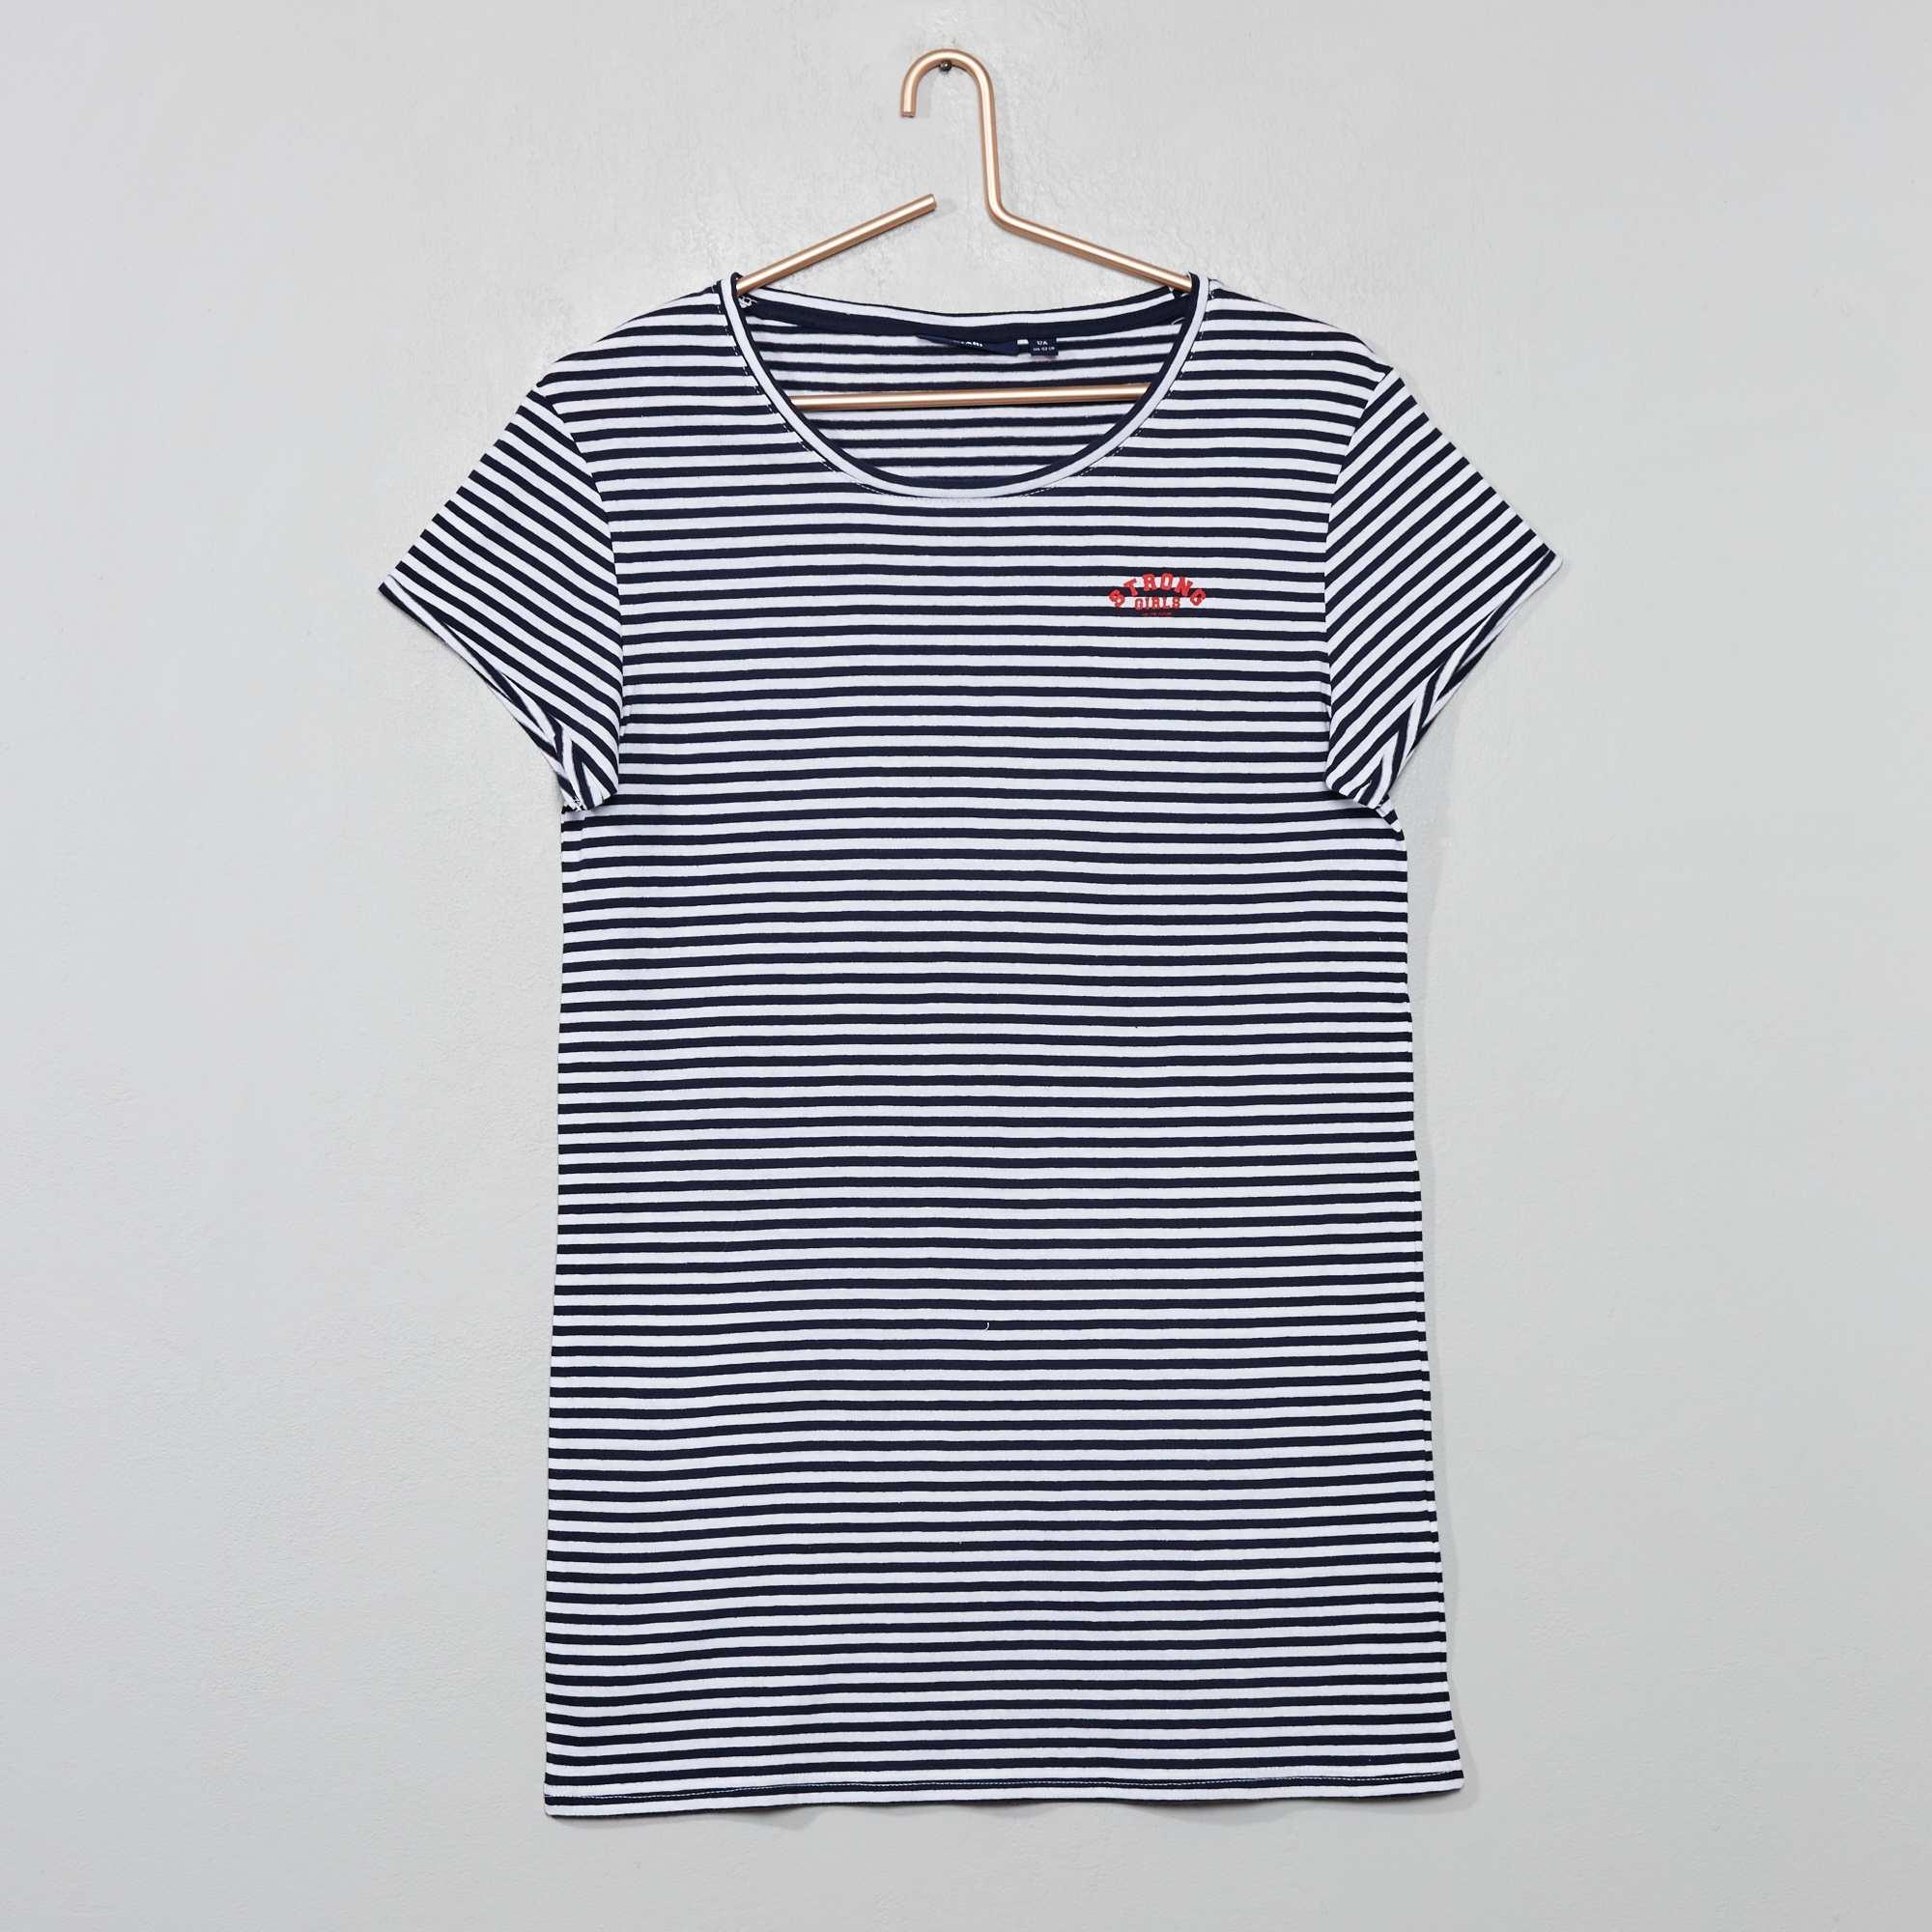 Da Shirt T Camicia Notte SjMGLqzpVU